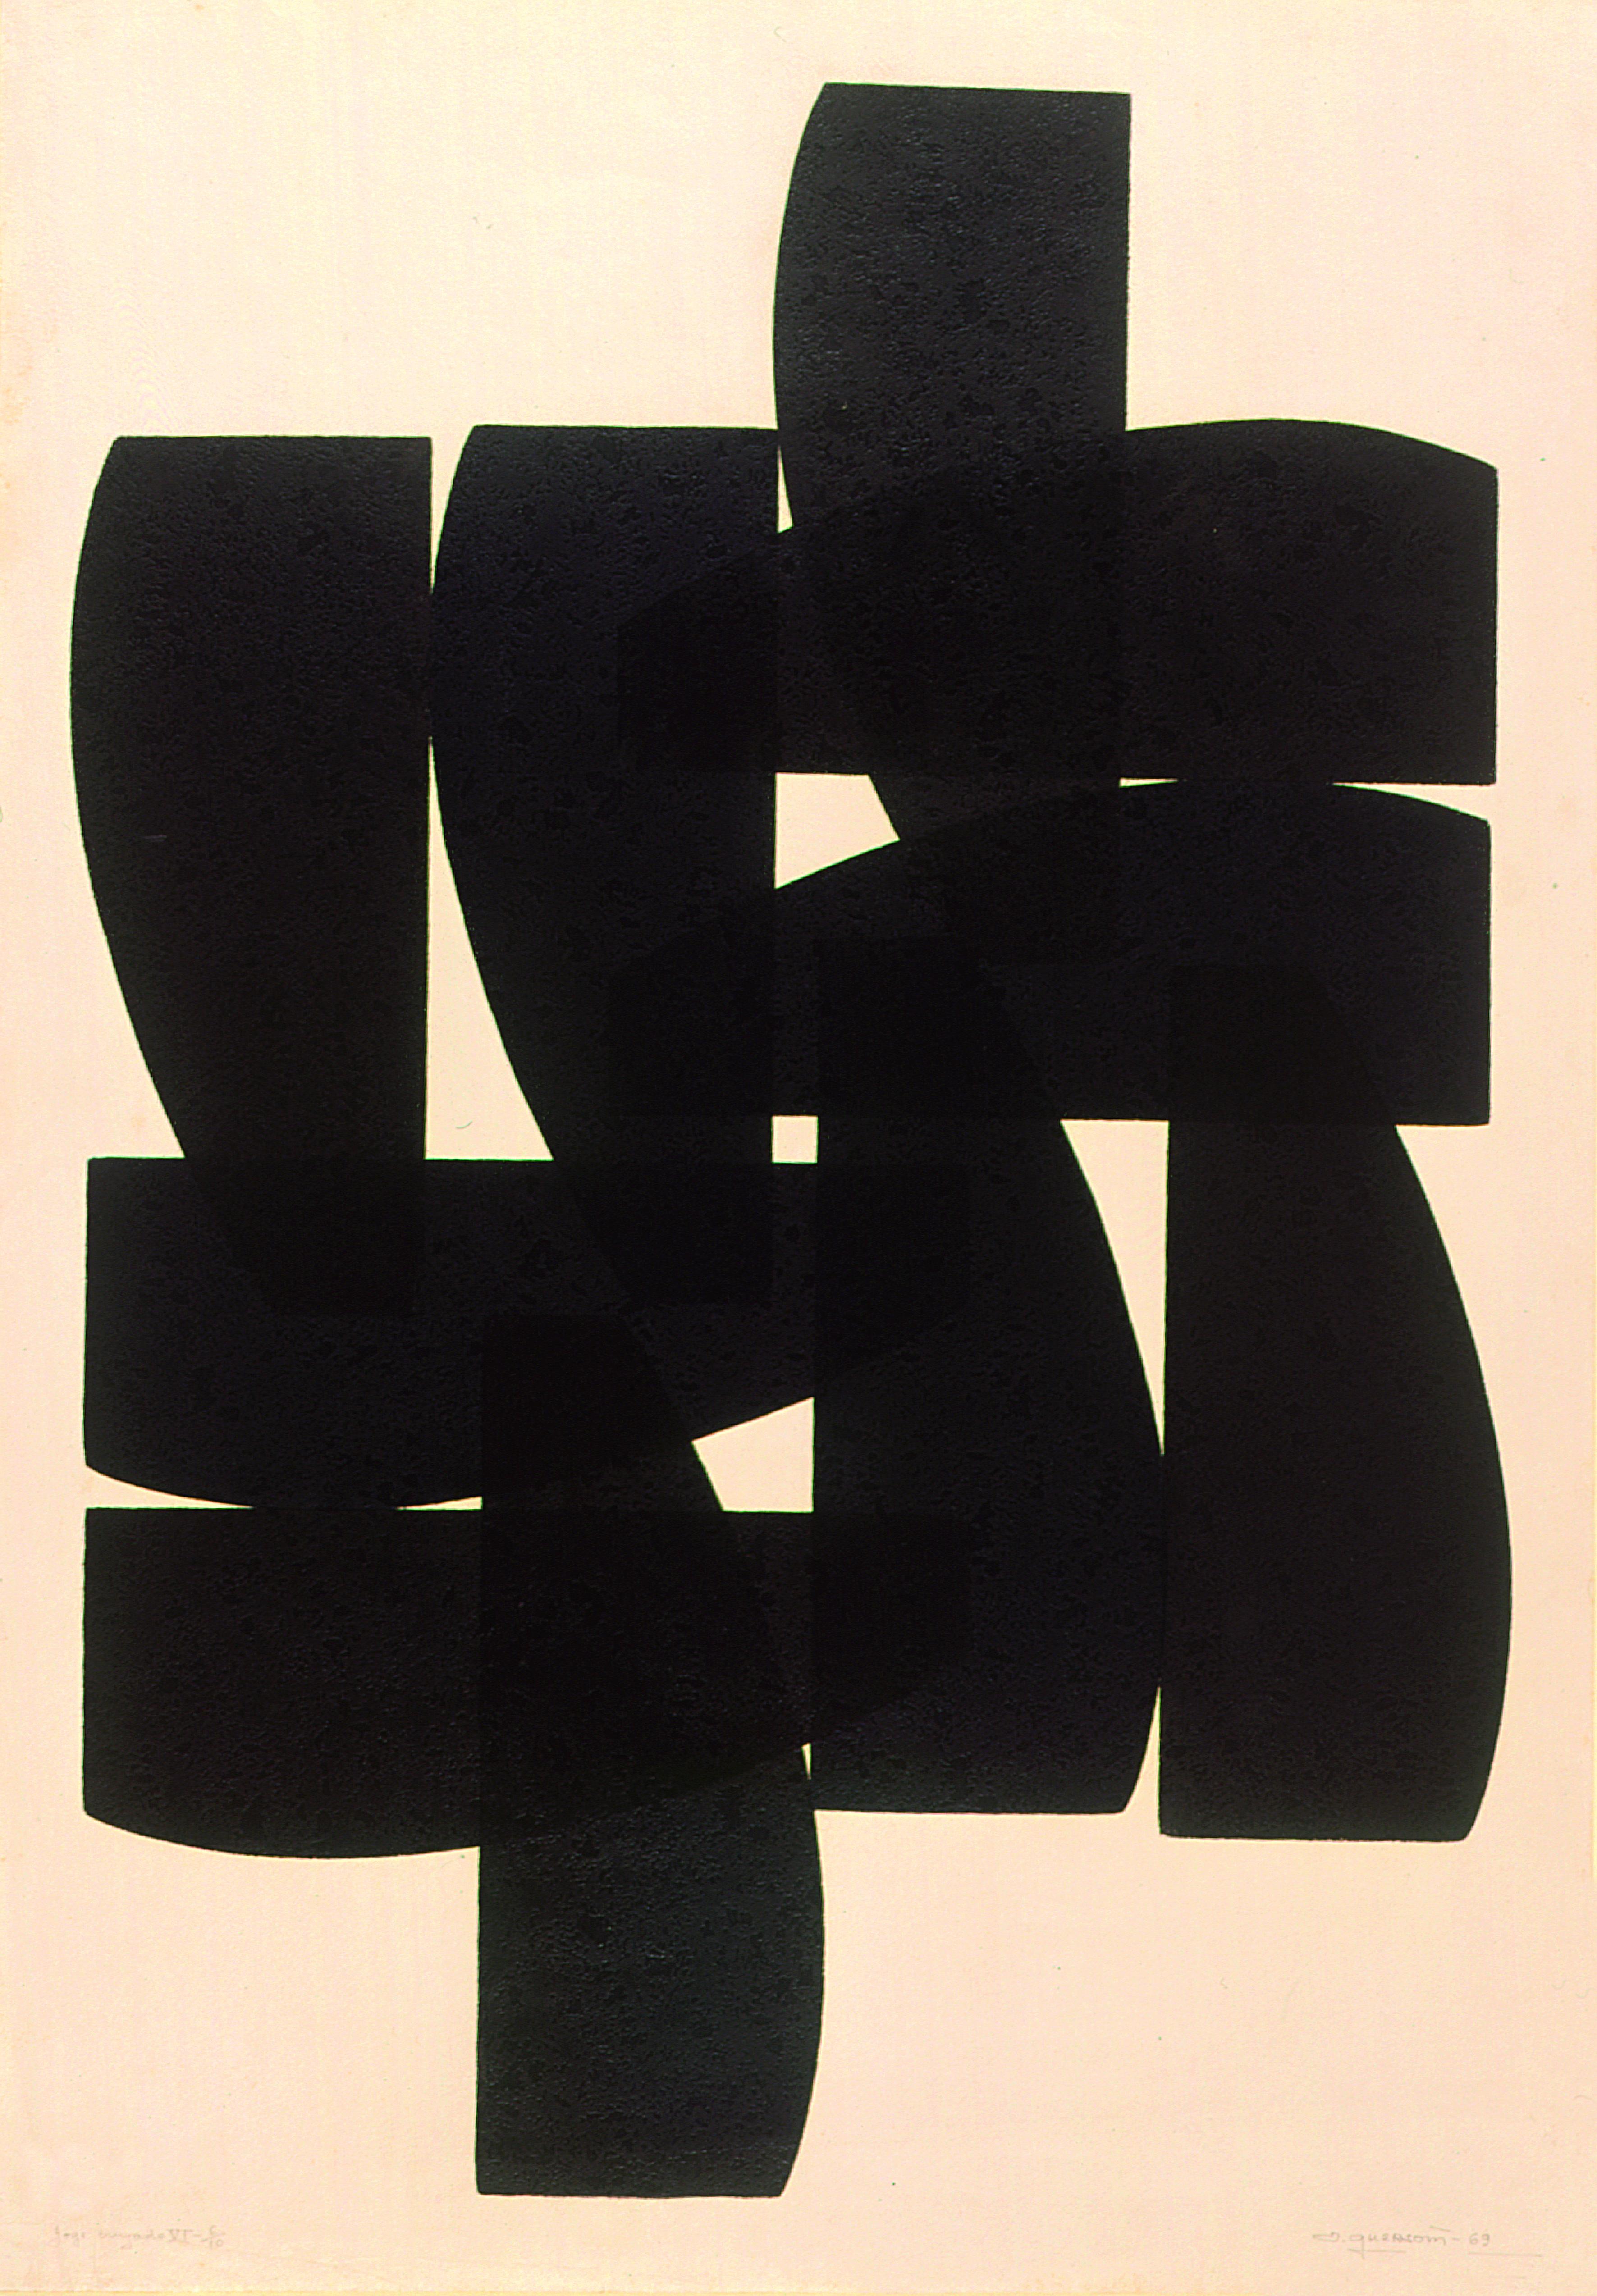 Jogo Cruzado VI   Autor: Odetto Guersoni Ano: 1969 Técnica: Linoleogravura Dimensão: 90cm x 64cm